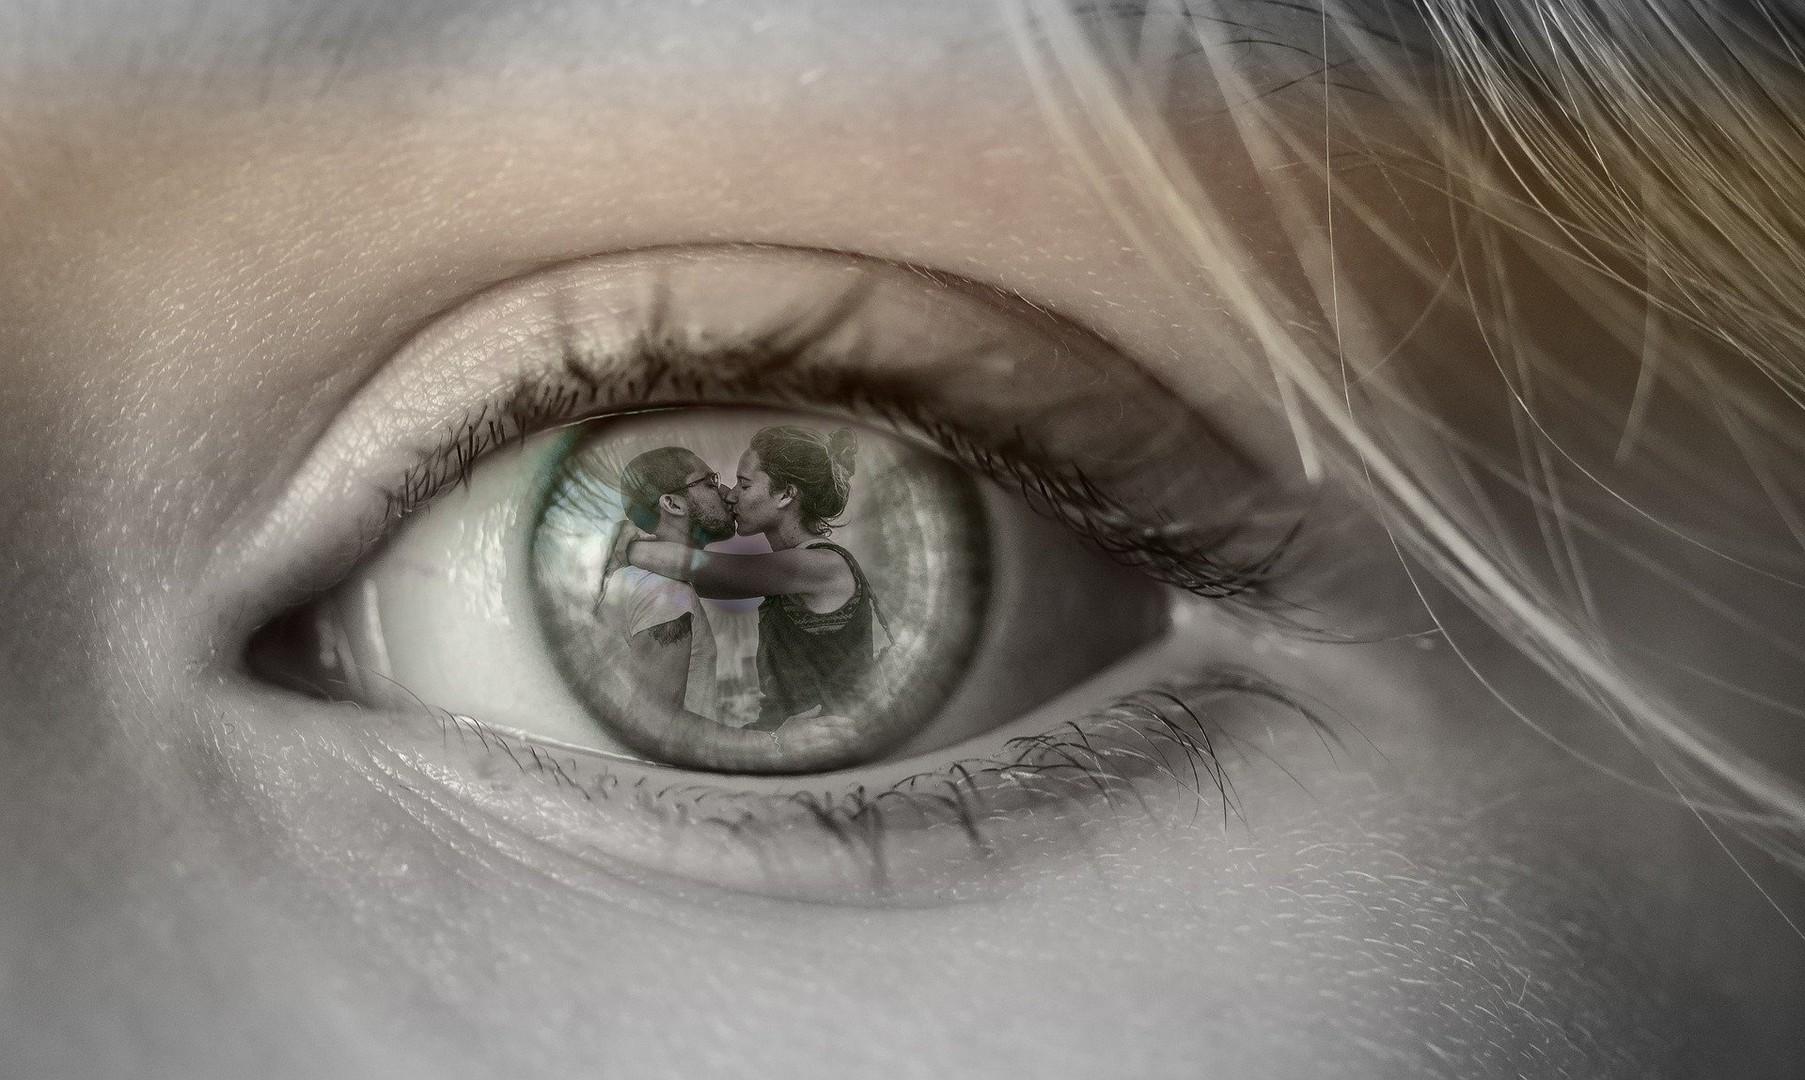 Измена с подругой жены: как избежать предательства в будущем?